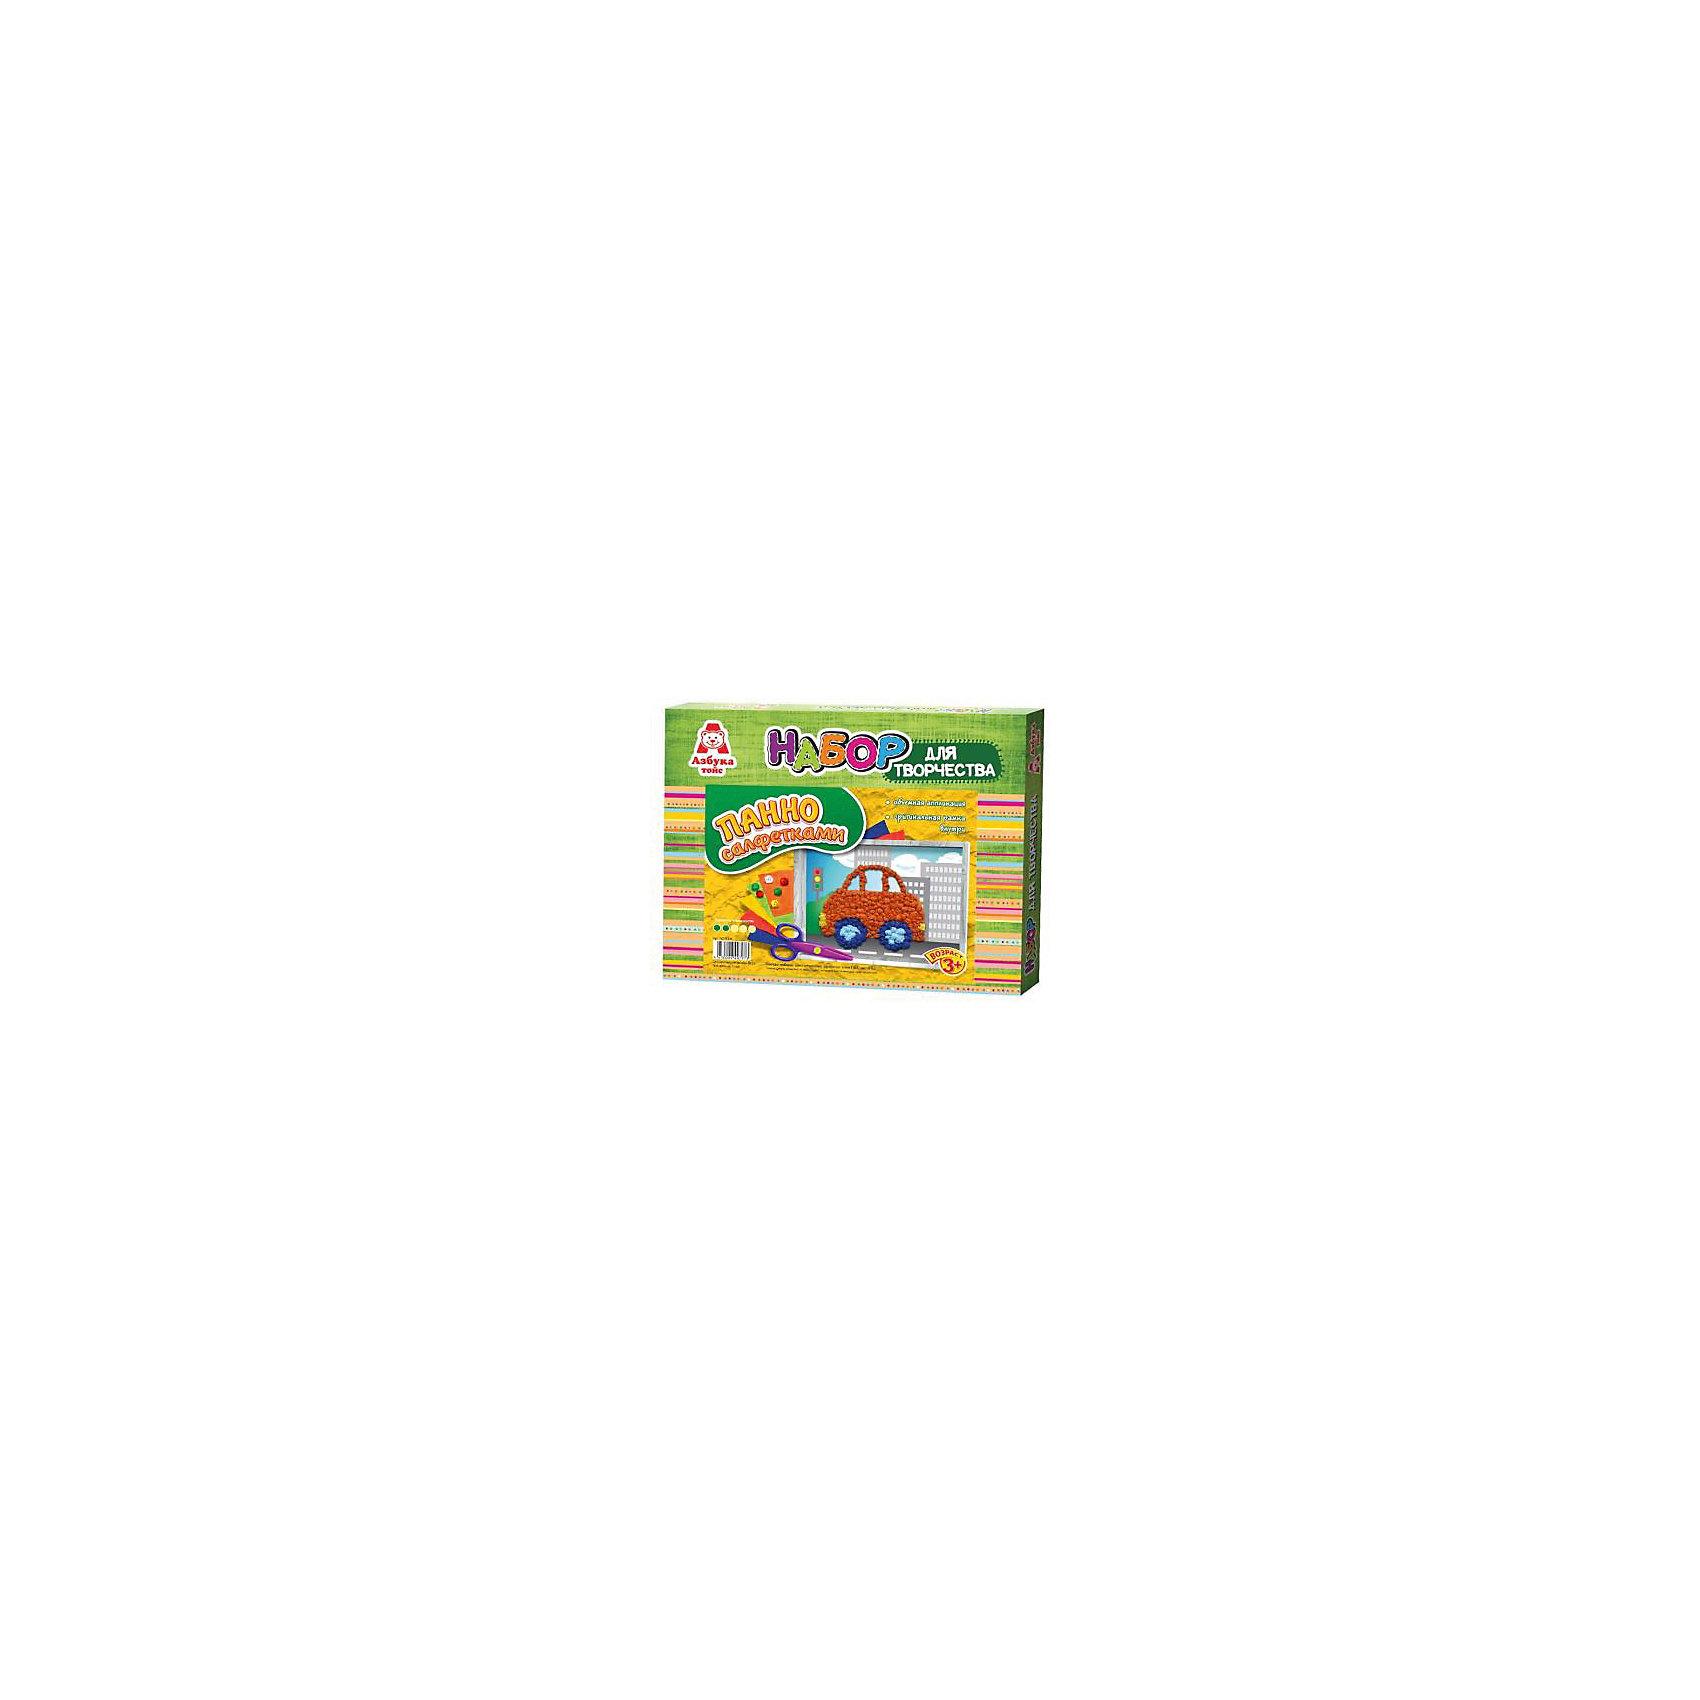 Аппликация салфетками МашинкаРукоделие<br>Аппликация салфетками Машинка<br><br>Характеристики:<br><br>- в набор входит: основа, цветные салфетки, кисть, клей ПВА, рамка<br>- состав: картон, бумага, пластик <br>- формат: 27 * 3 * 22 см.<br>- вес: 116 гр.<br>- для детей в возрасте: от 3 до 6 лет<br>- Страна производитель: Российская Федерация<br><br>Набор для творчества Аппликация салфетками Машинка от компании Азбука тойс понравится маленьким пальчиками и создаст яркое настроение для отважных приключений. Пошаговая инструкция подробно описывает процесс выполнения аппликации. Шарики из салфеток клеятся на цветную основу с помощью клея, входящего в комплект. Работа с таким набором развивает моторику ручек, воображение, усидчивость, аккуратность и внимание. Панно из салфеток имеет второй уровень сложности, но его выполнить ничуть не трудно, поэтому ребенок вскоре сможет порадоваться своему небольшому шедевру и, может быть, даже подарить его кому-нибудь. Красивая рамка входит в комплект.<br><br>Аппликацию салфетками Машинка можно купить в нашем интернет-магазине.<br><br>Ширина мм: 270<br>Глубина мм: 30<br>Высота мм: 220<br>Вес г: 116<br>Возраст от месяцев: 36<br>Возраст до месяцев: 84<br>Пол: Мужской<br>Возраст: Детский<br>SKU: 5062942